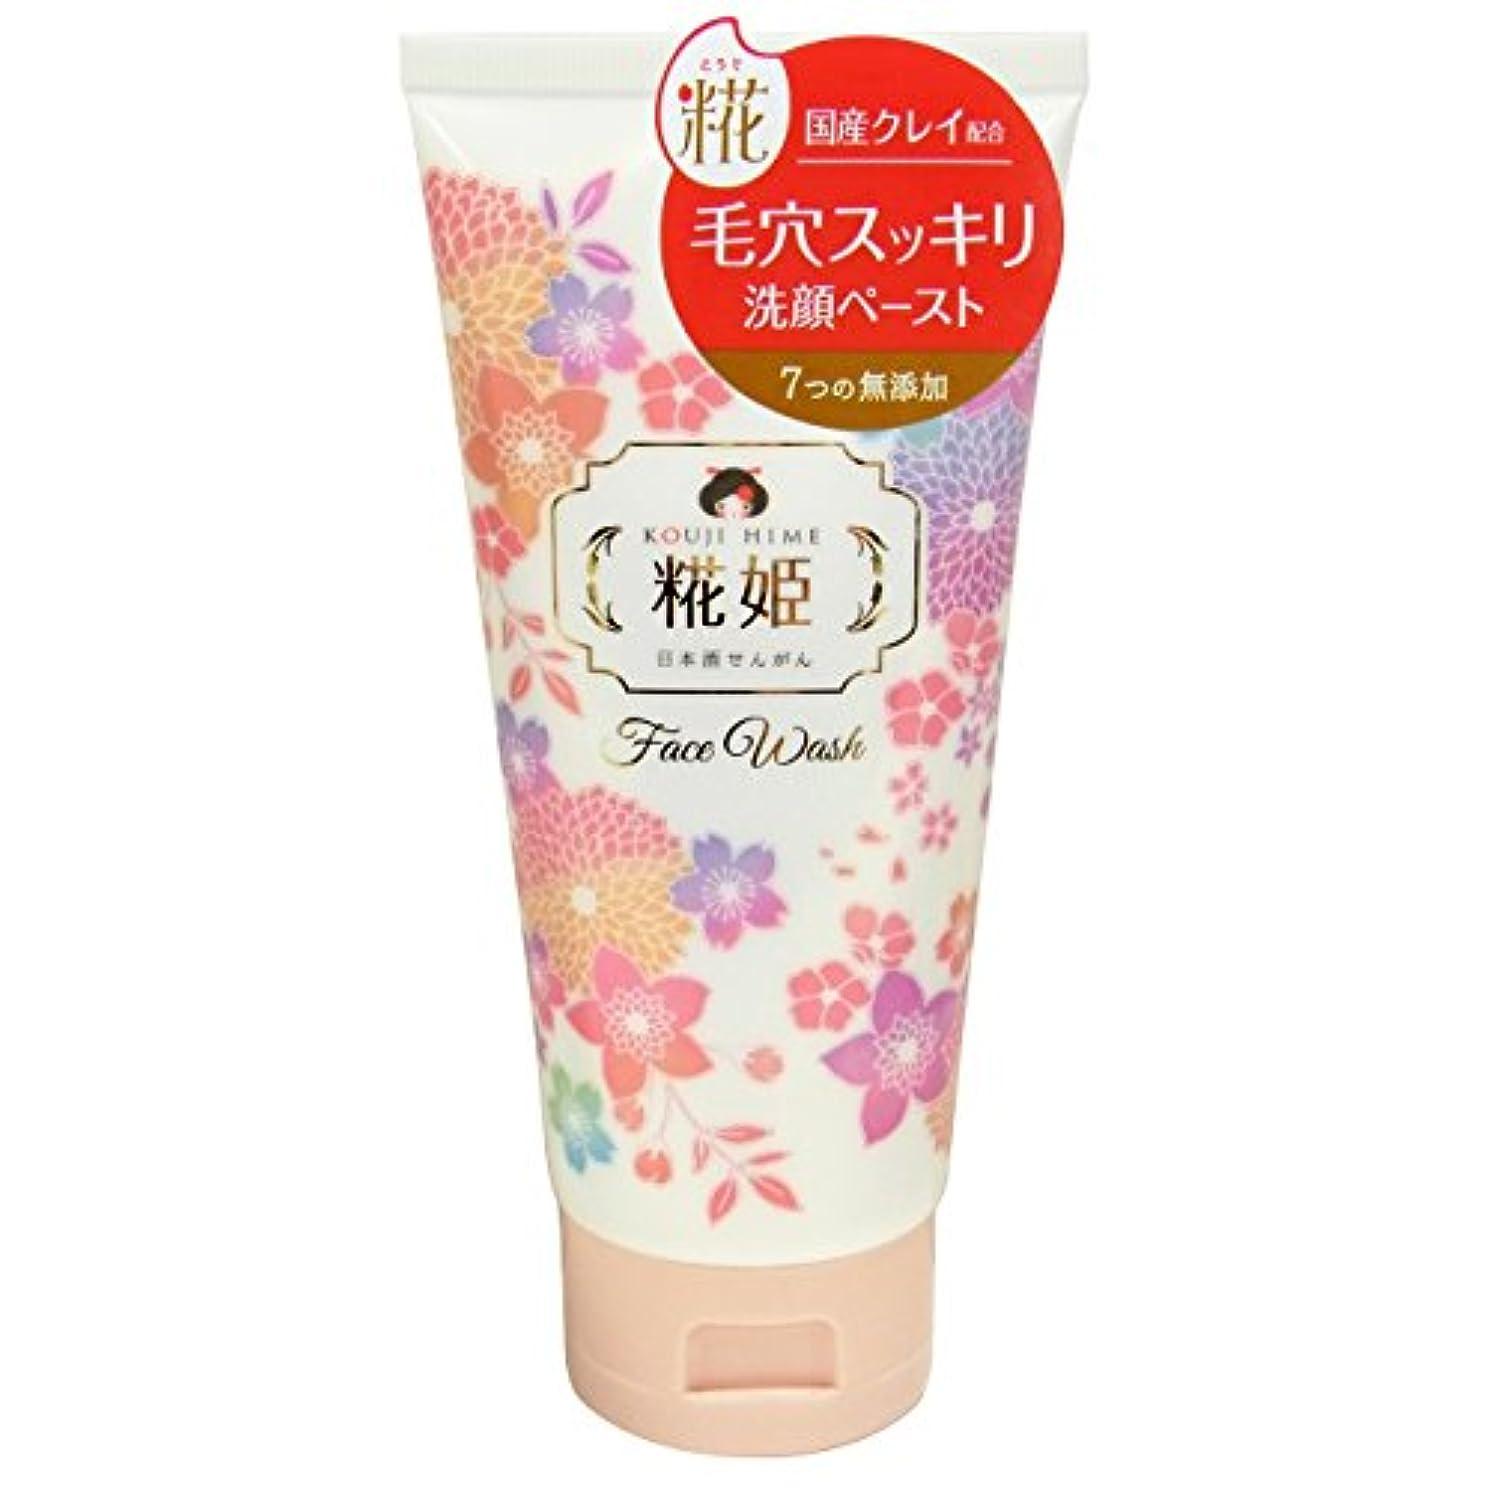 明るいオーバーフロー有効糀姫 洗顔料 せんがんぺーすと (100g)